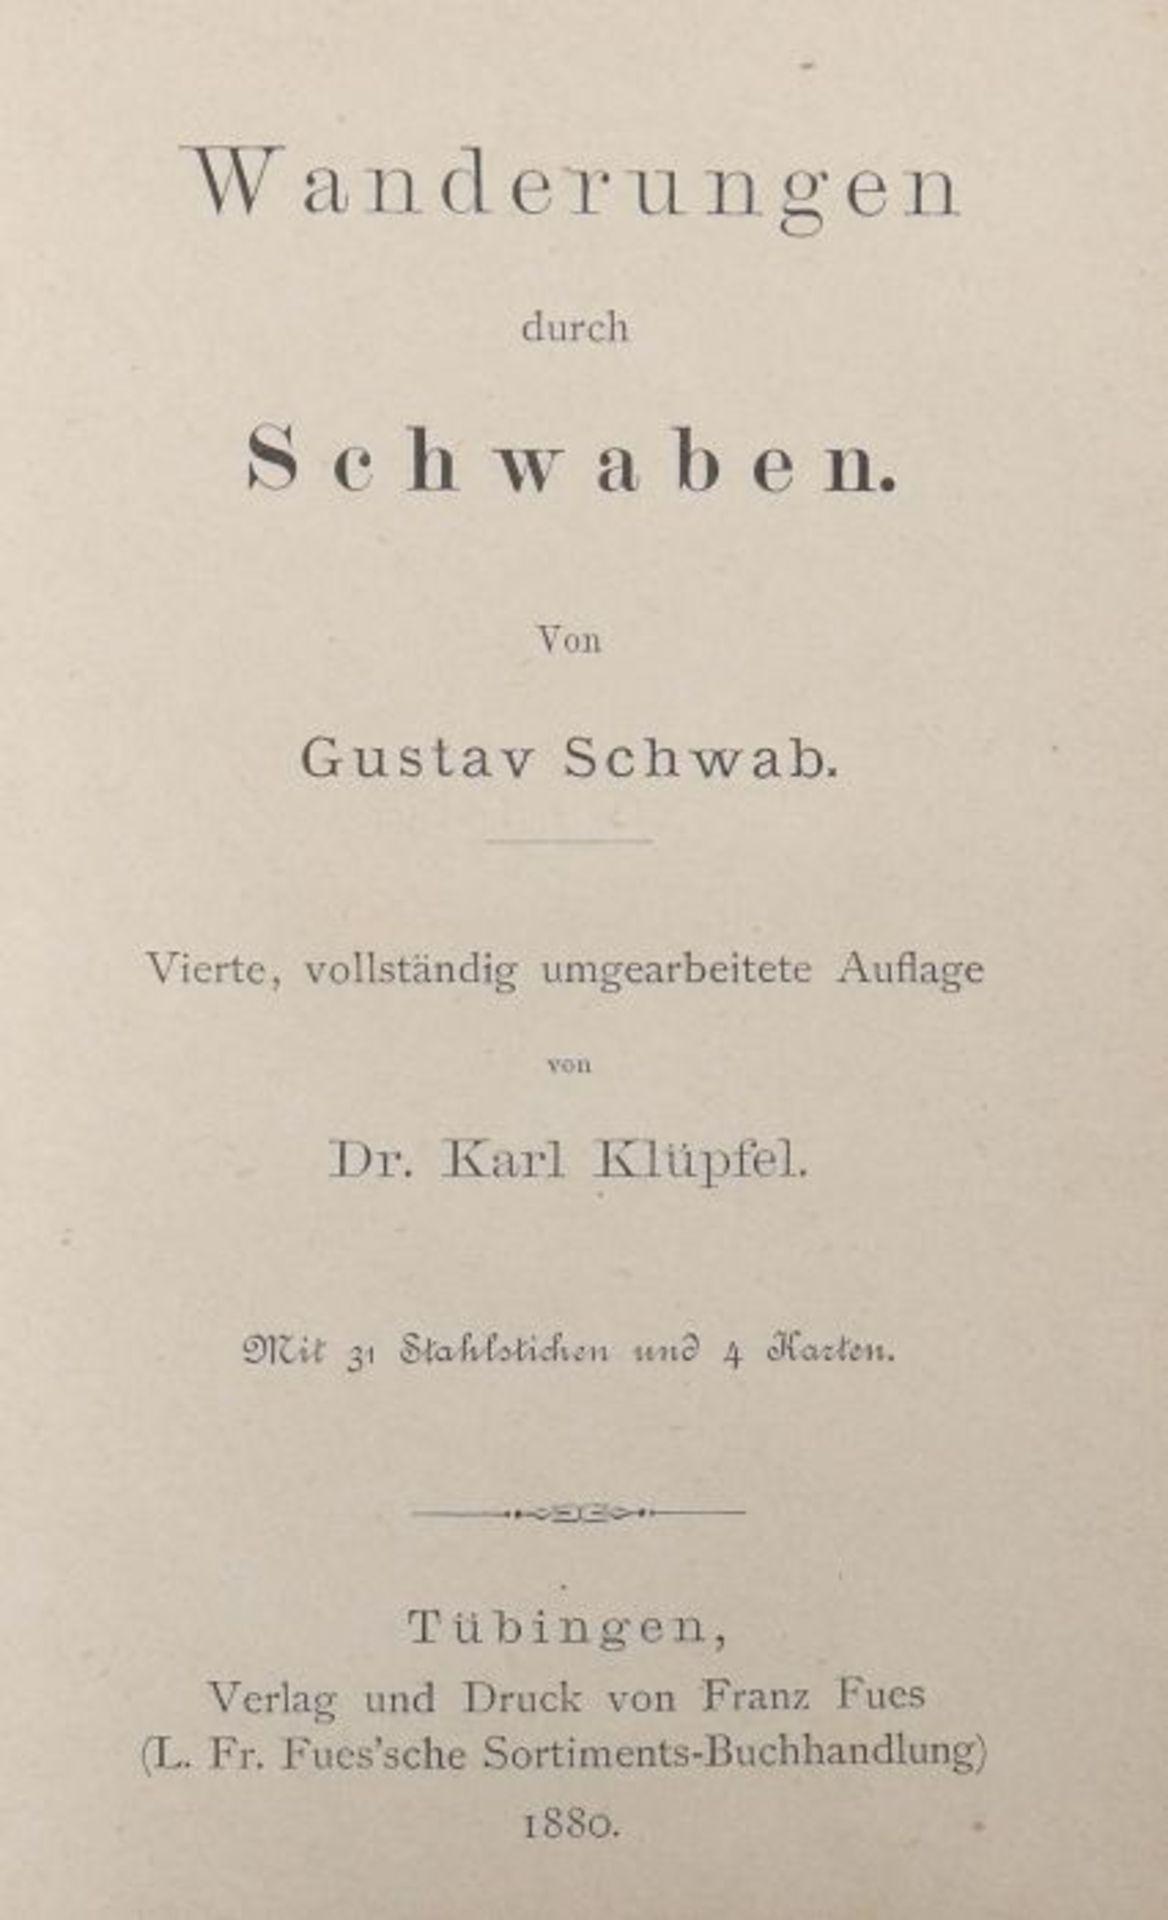 Schwab, Gustav Wanderungen durch Schwaben, vierte vollständig umgearbeitete Auflage von Dr. Karl - Bild 2 aus 4